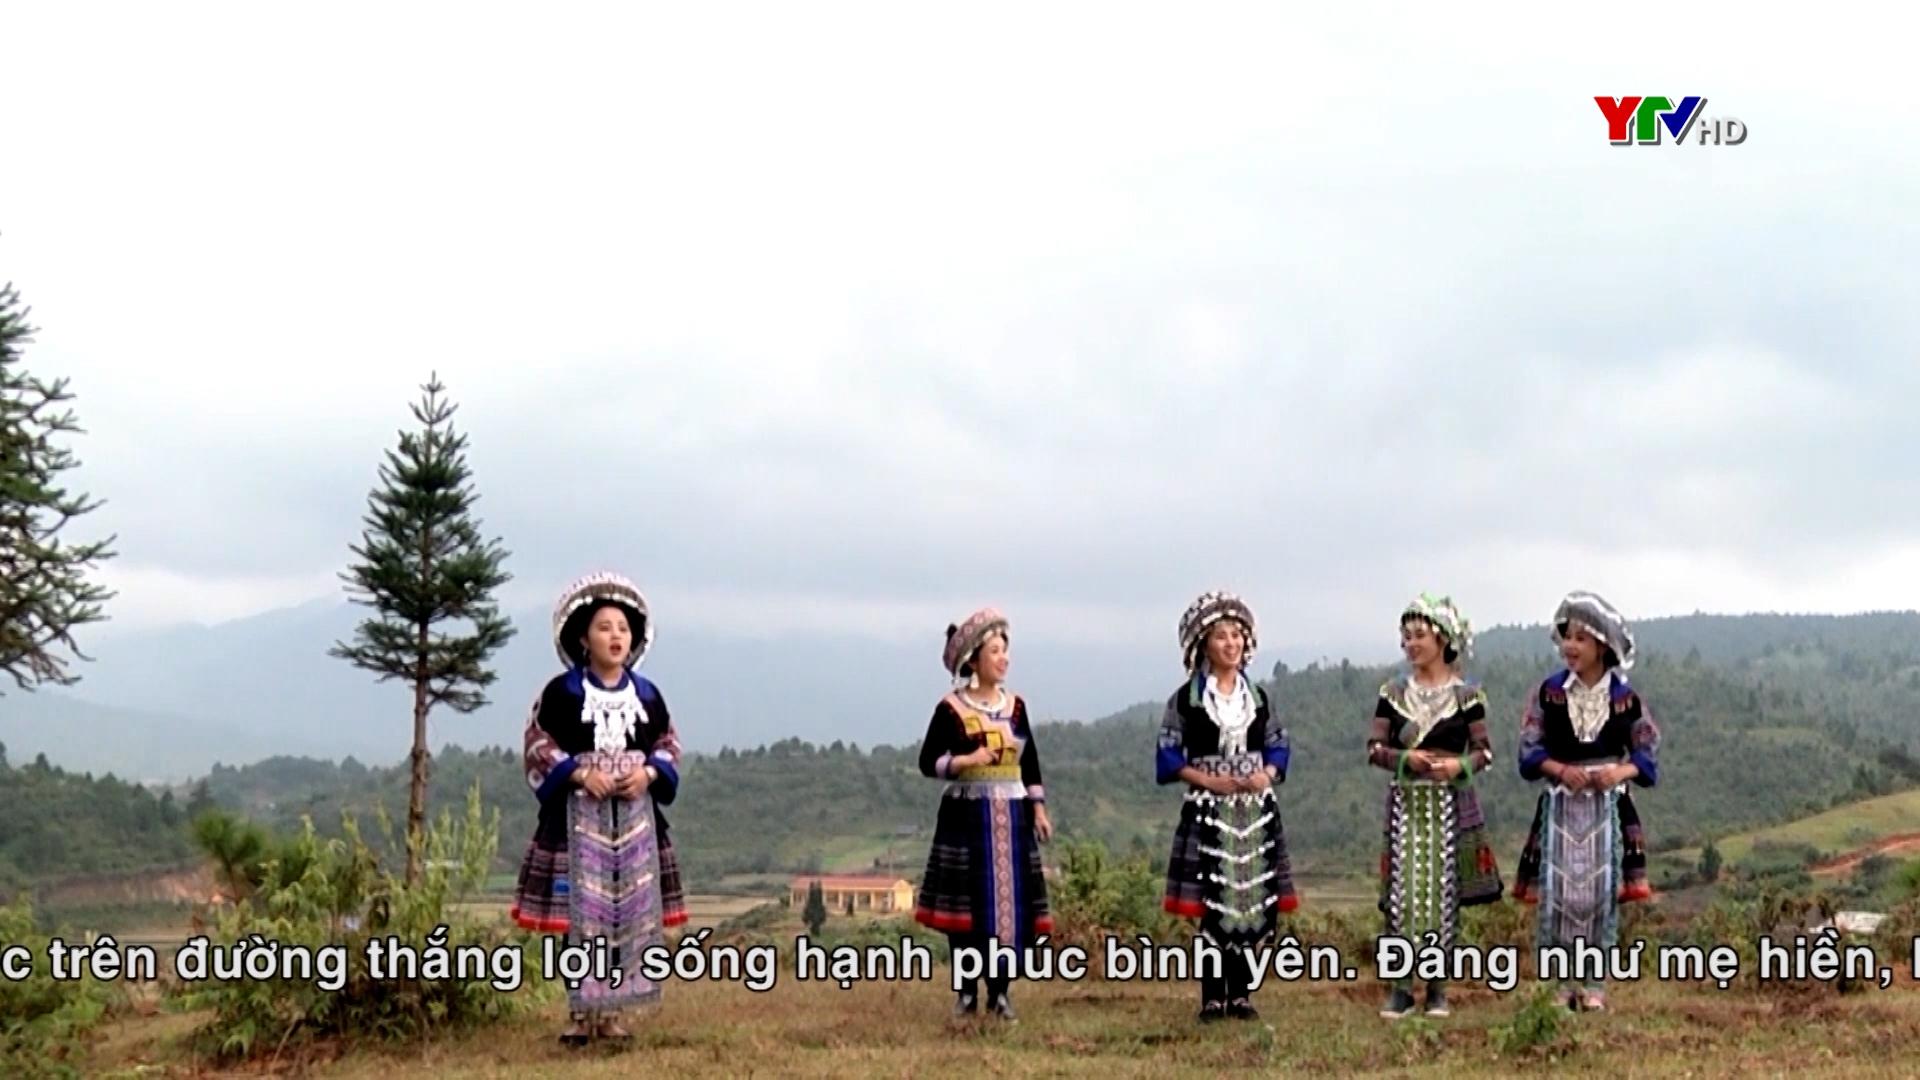 Chương trình ca nhạc tiếng Mông tháng 9 2021